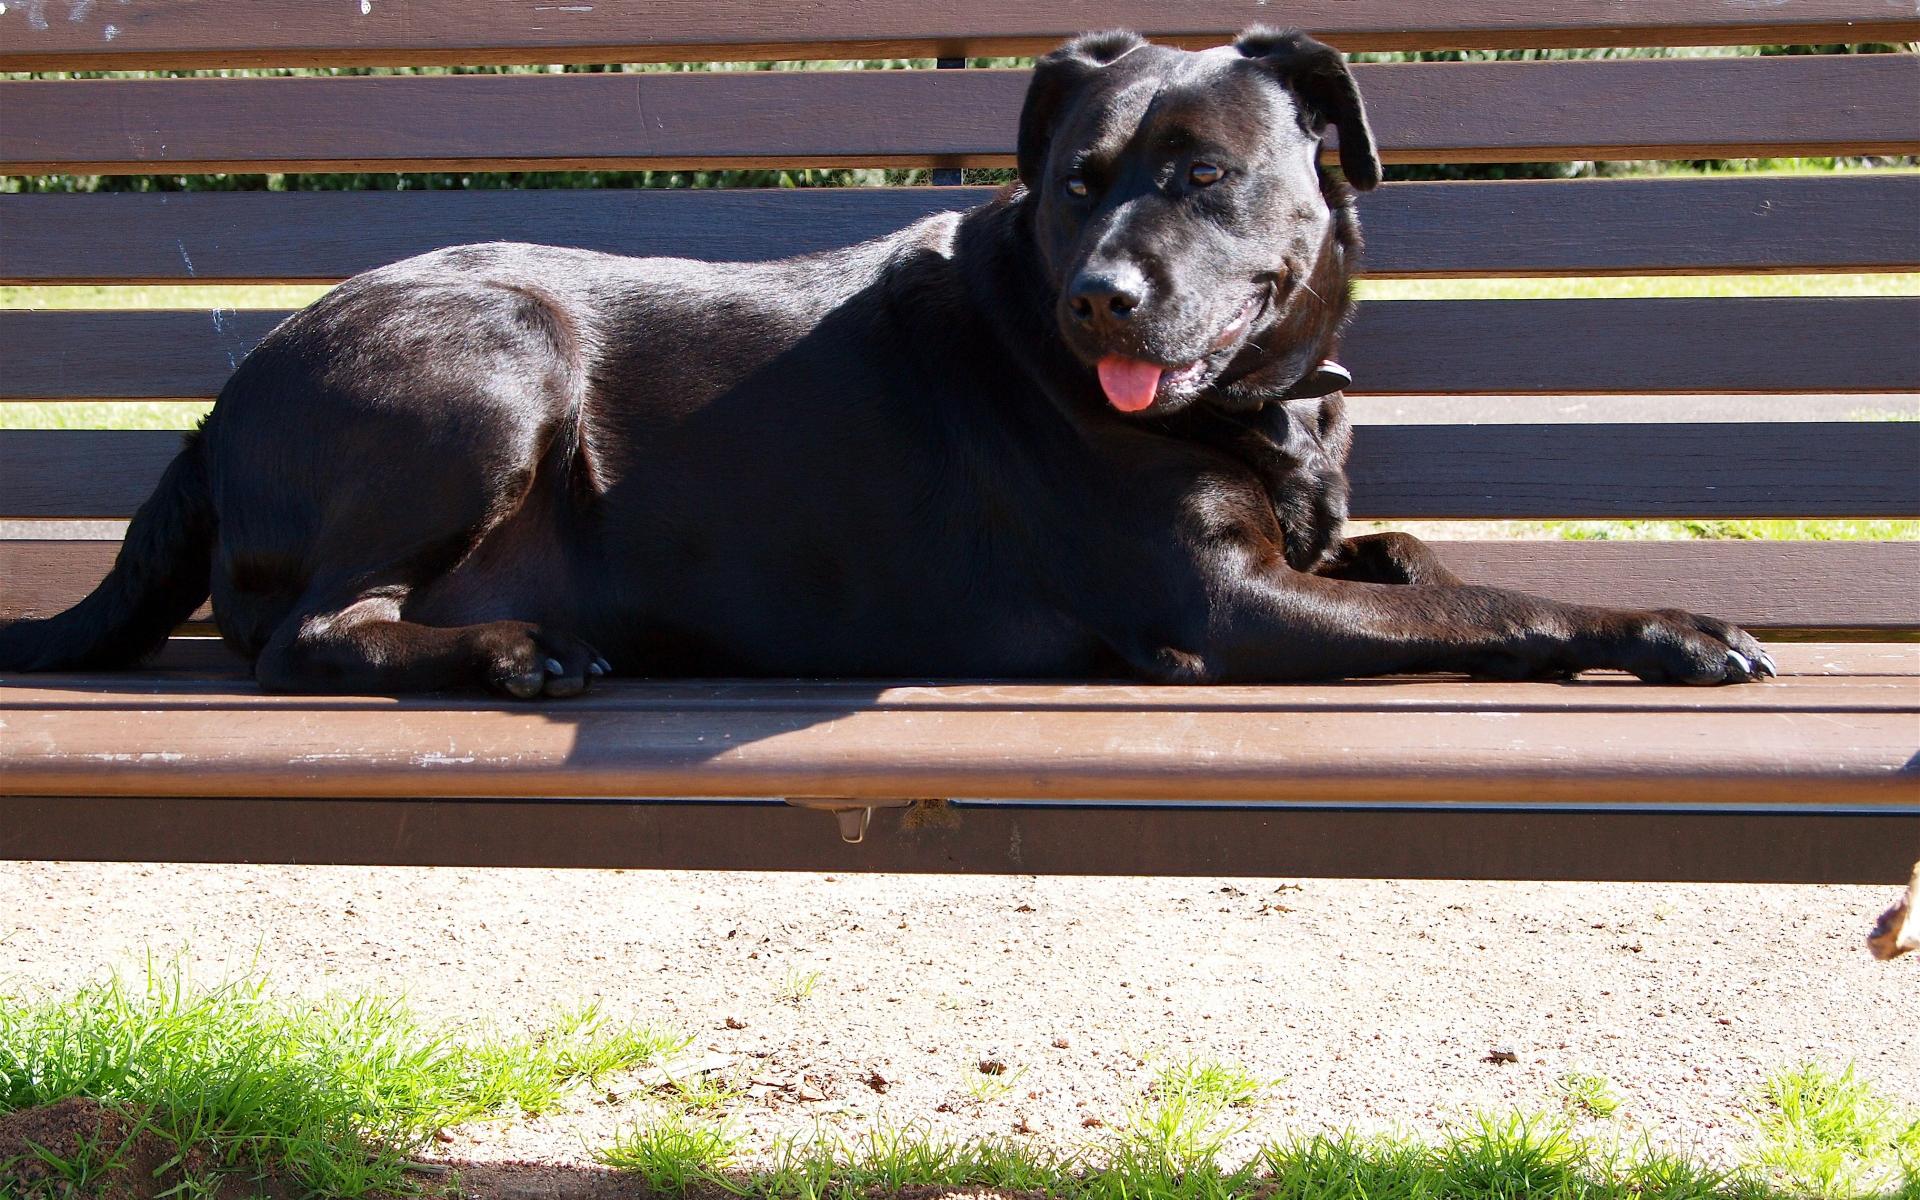 صور كلاب روعة 2017 , صور كلاب مفترسة 2018 , كلاب بوليسي 2017 2015_1390881989_823.